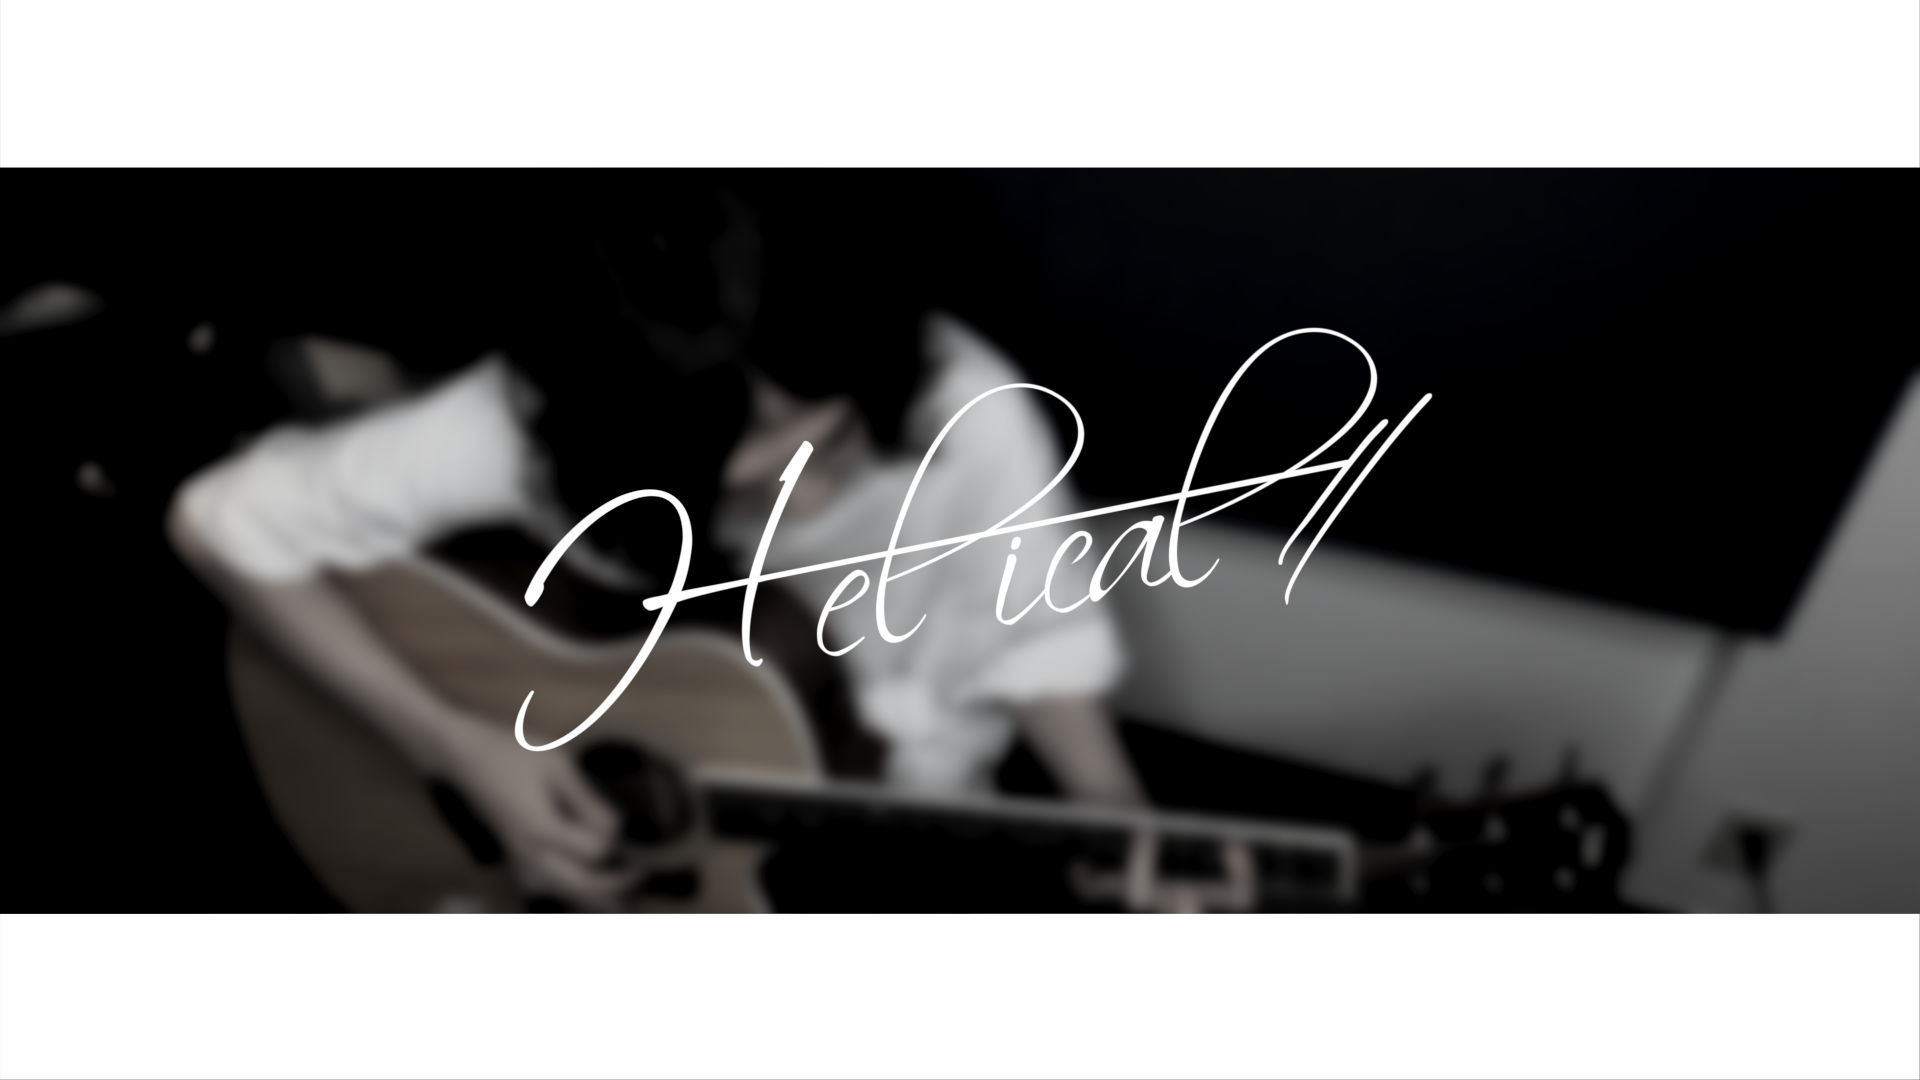 H-el-ical//「Altern-ate- acoustic ver.」